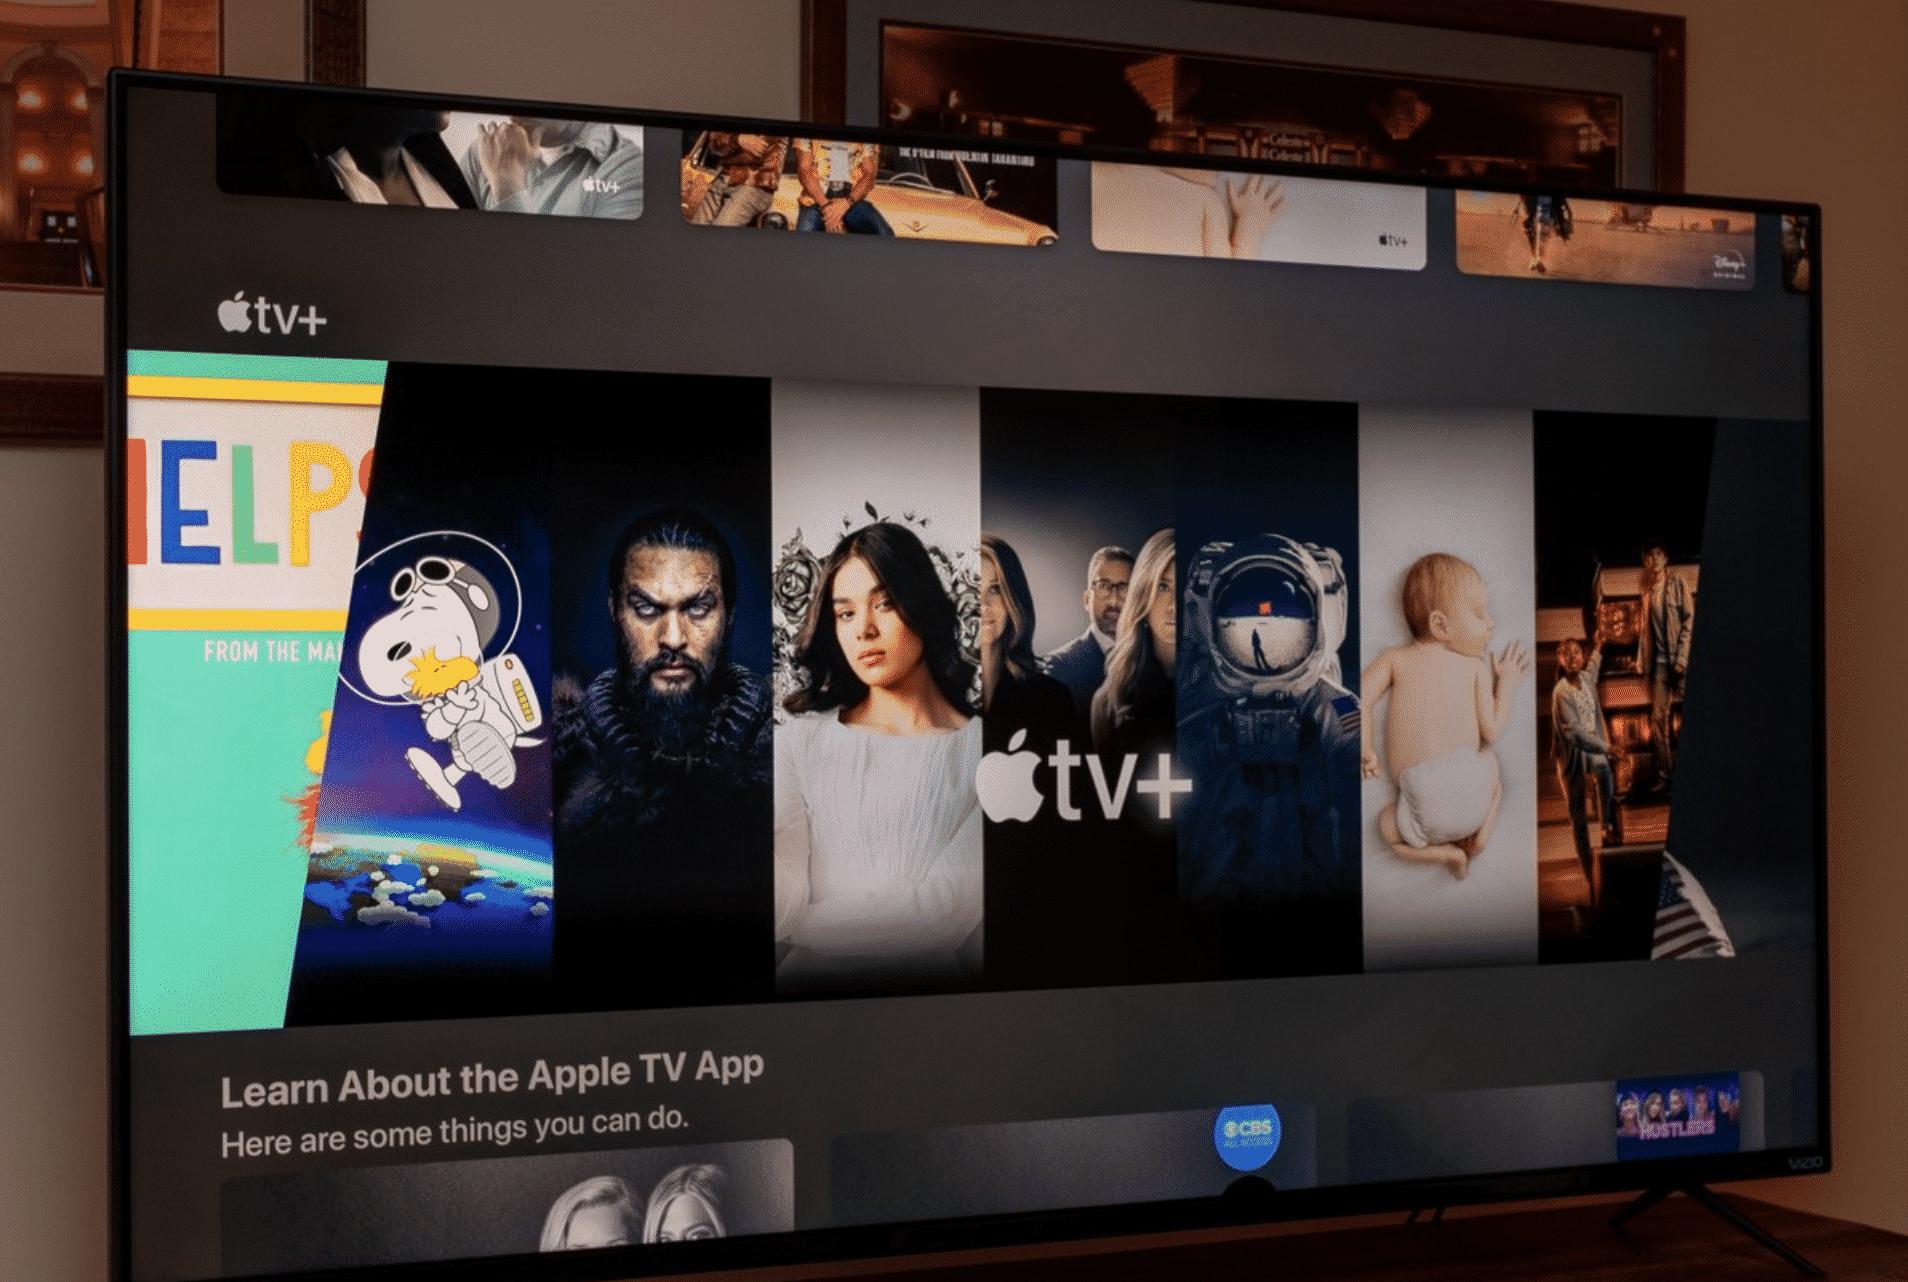 New Apple TV+ film 'Swan Song' will star Mahershala Ali